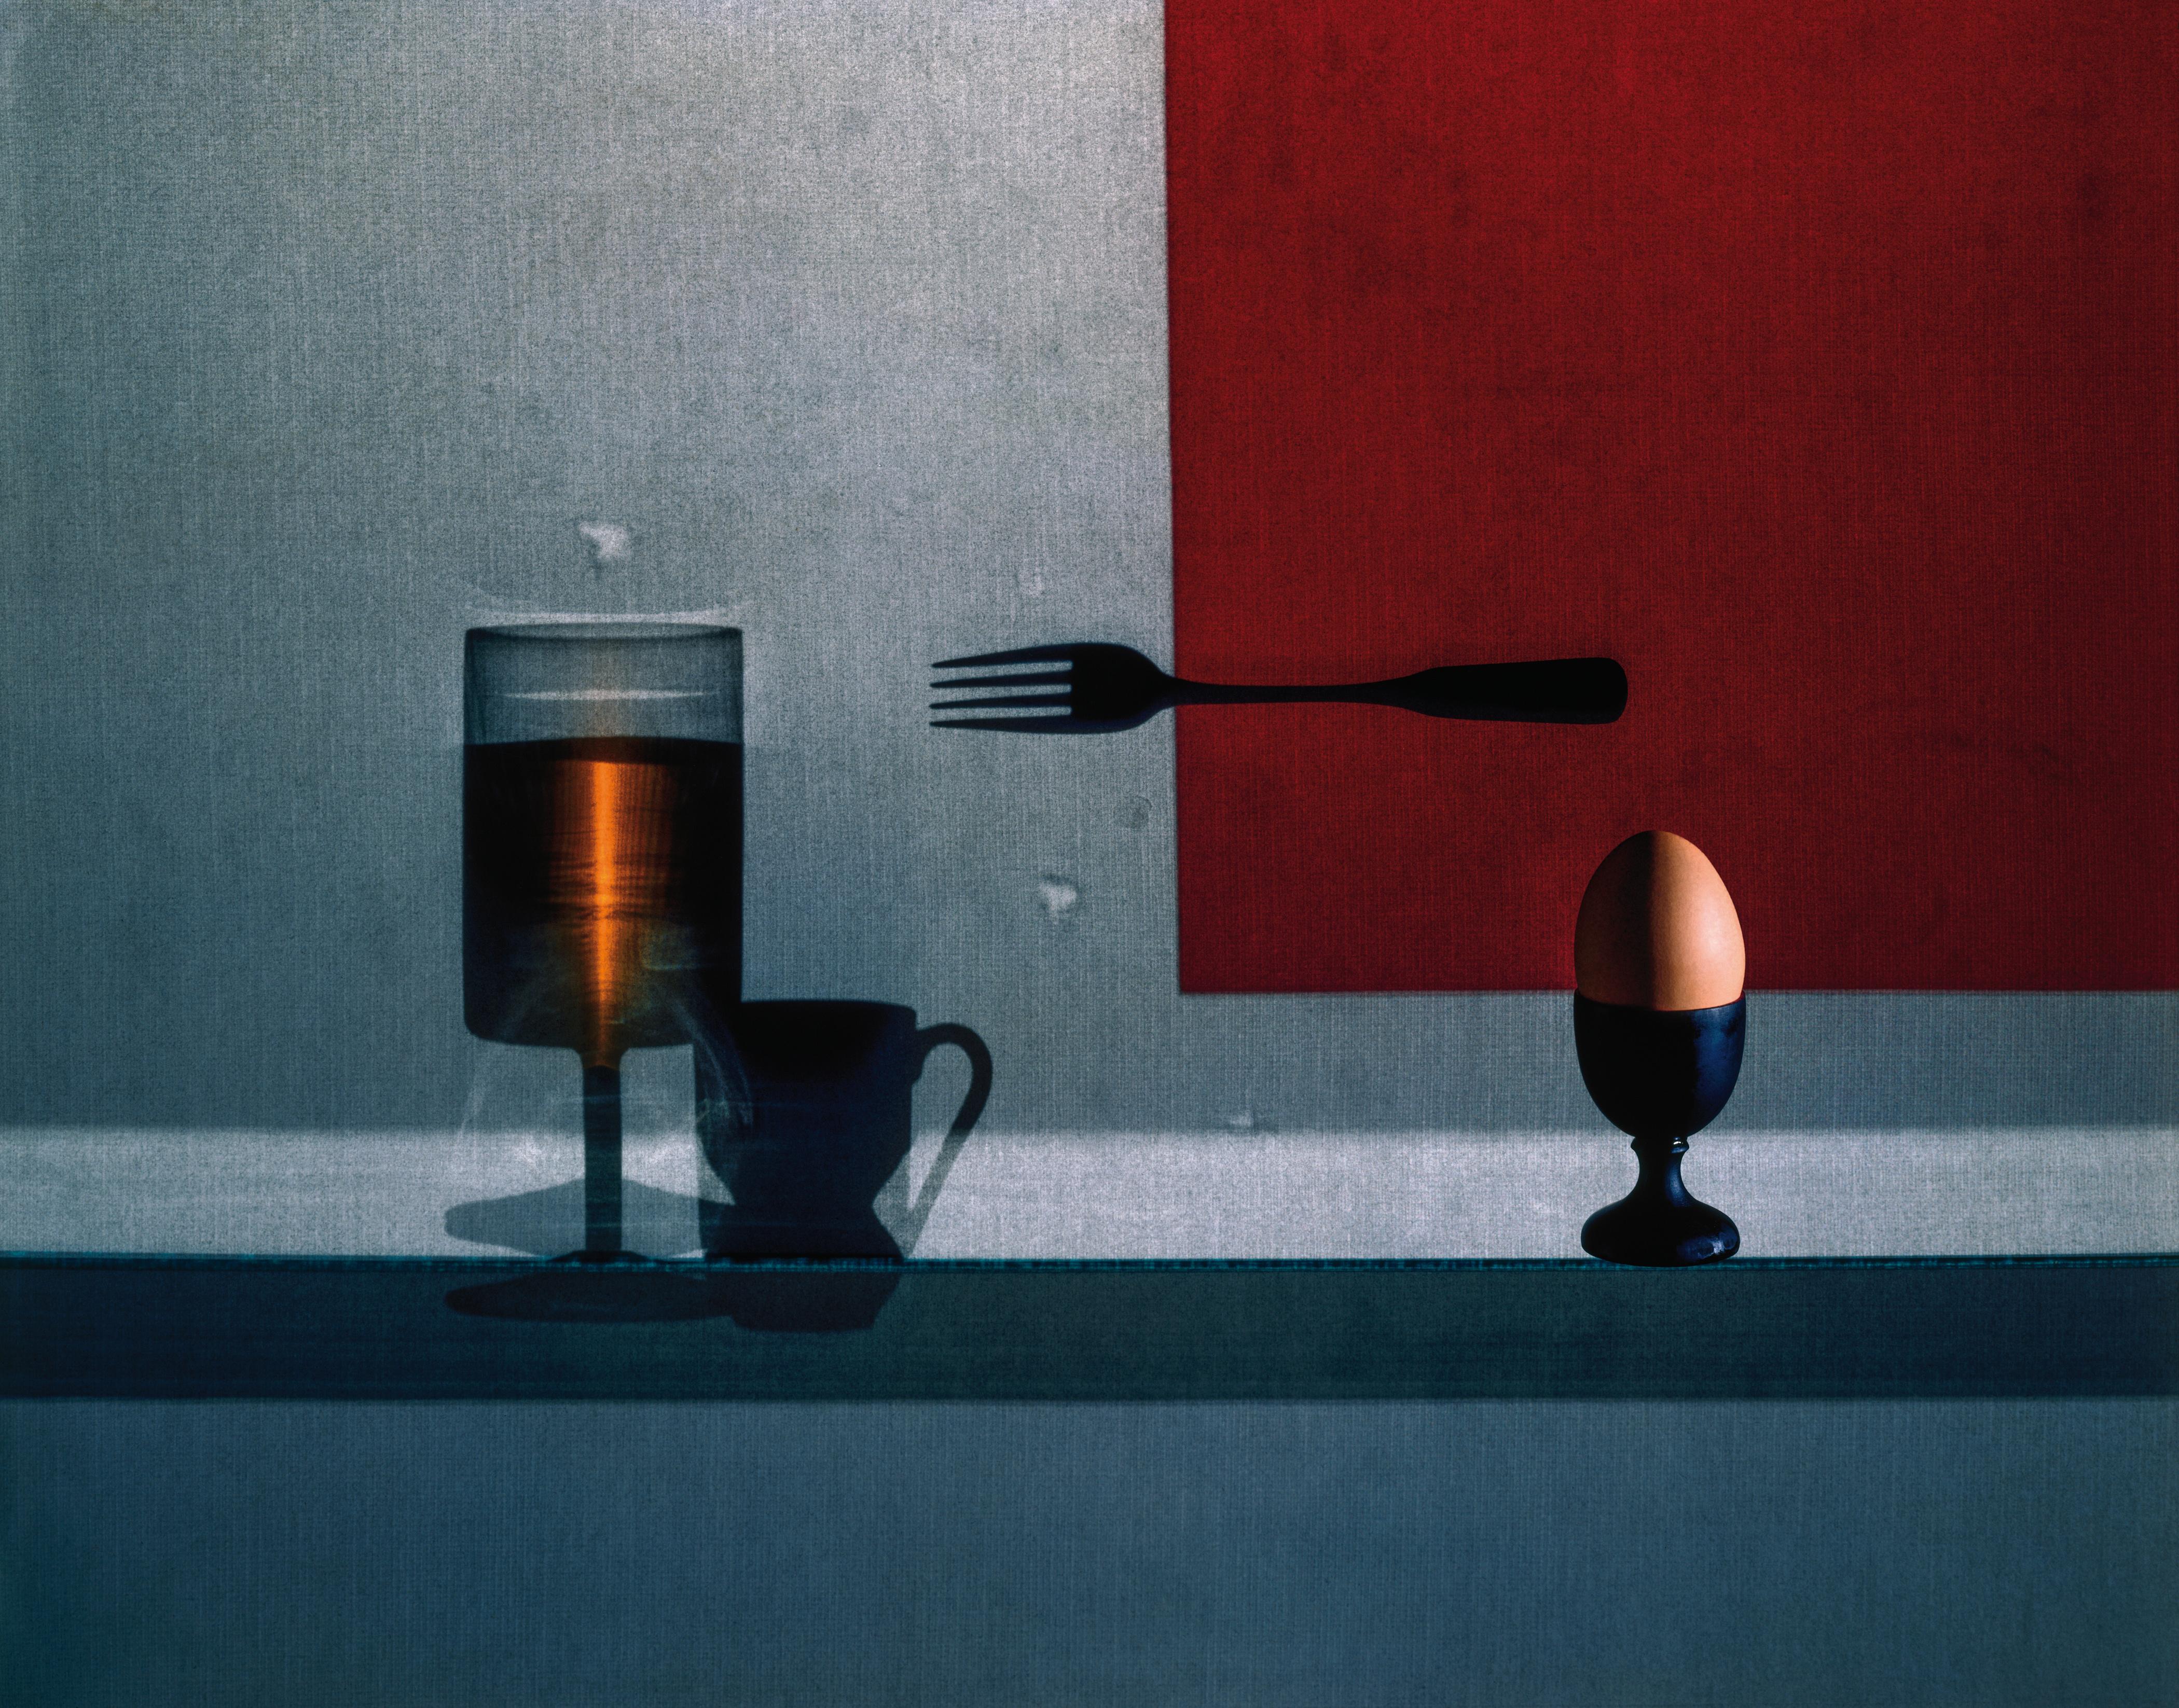 Egg and Fork, 1978